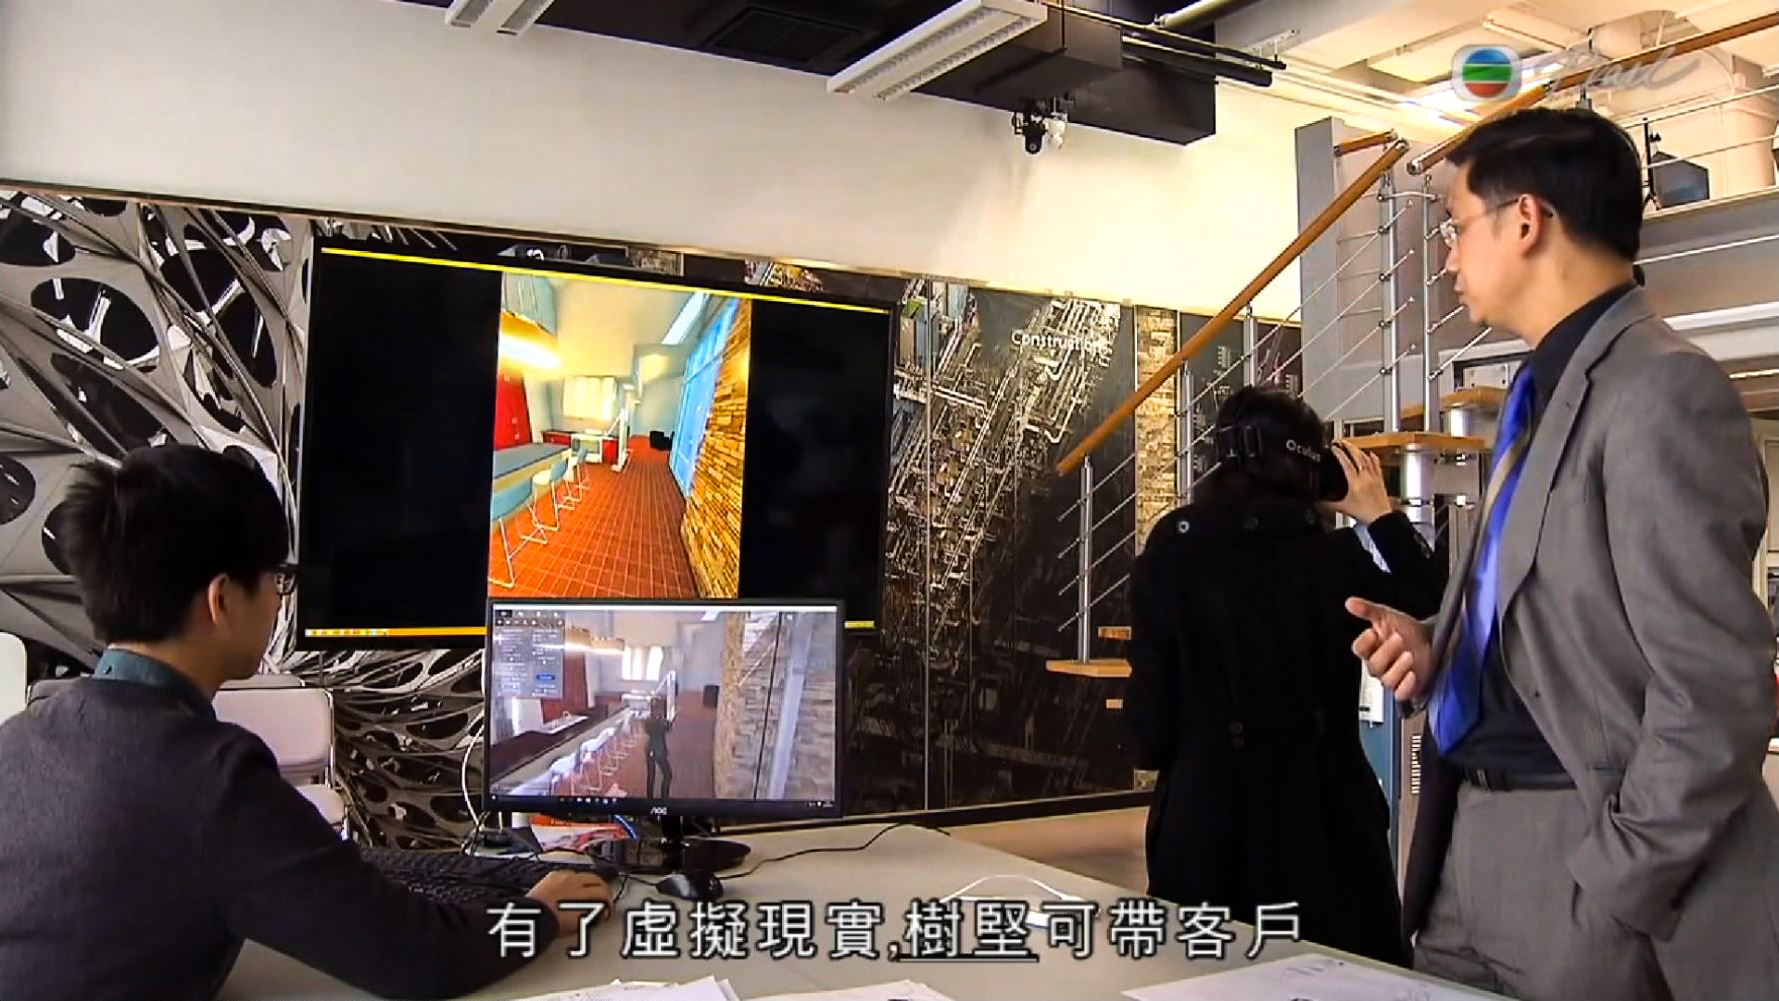 tvb | [組圖+影片] 的最新詳盡資料** (必看!!) - www.go2tutor.com